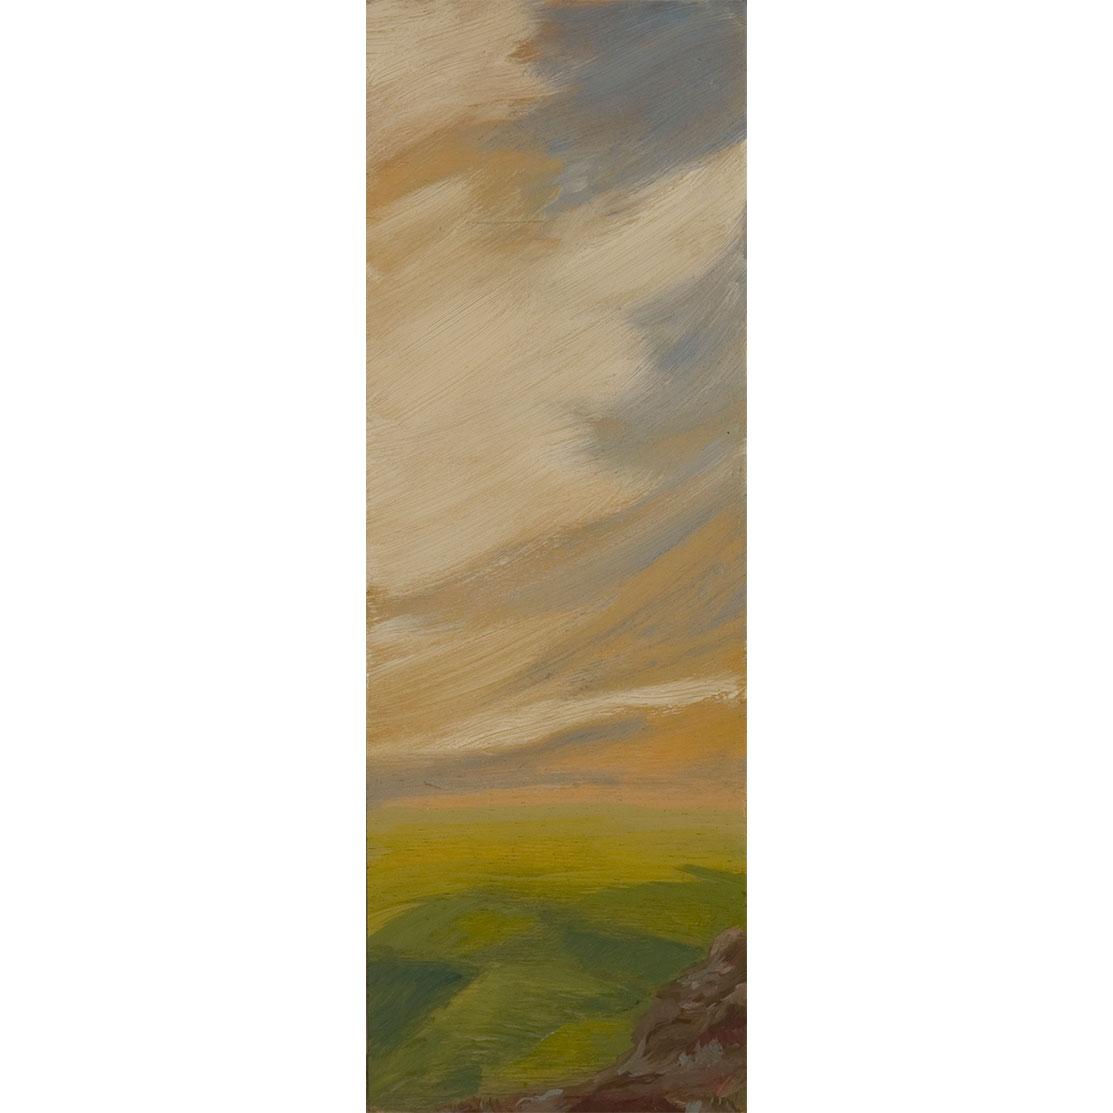 VALLE Acrílico sobre tabla 28 x 18,5 cm